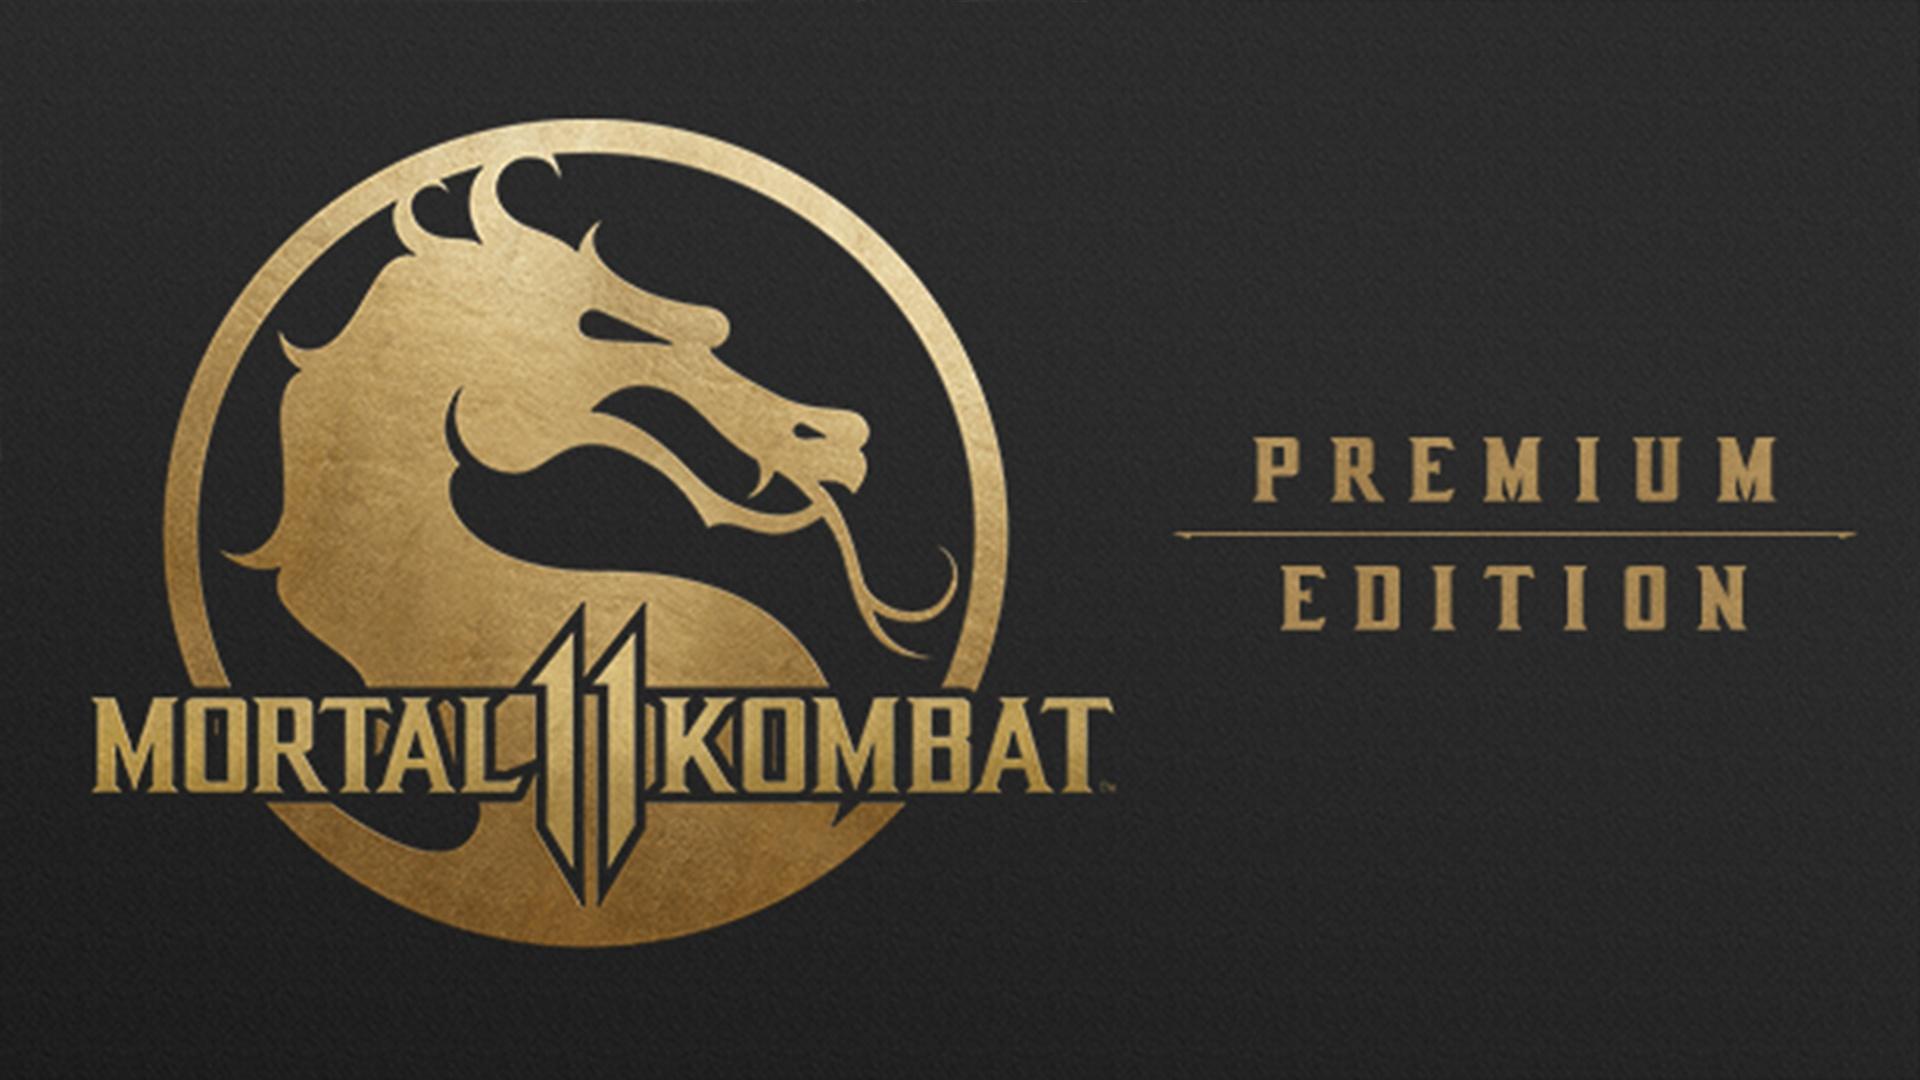 Содержание комплекта Mortal Kombat 11 Premium Edition